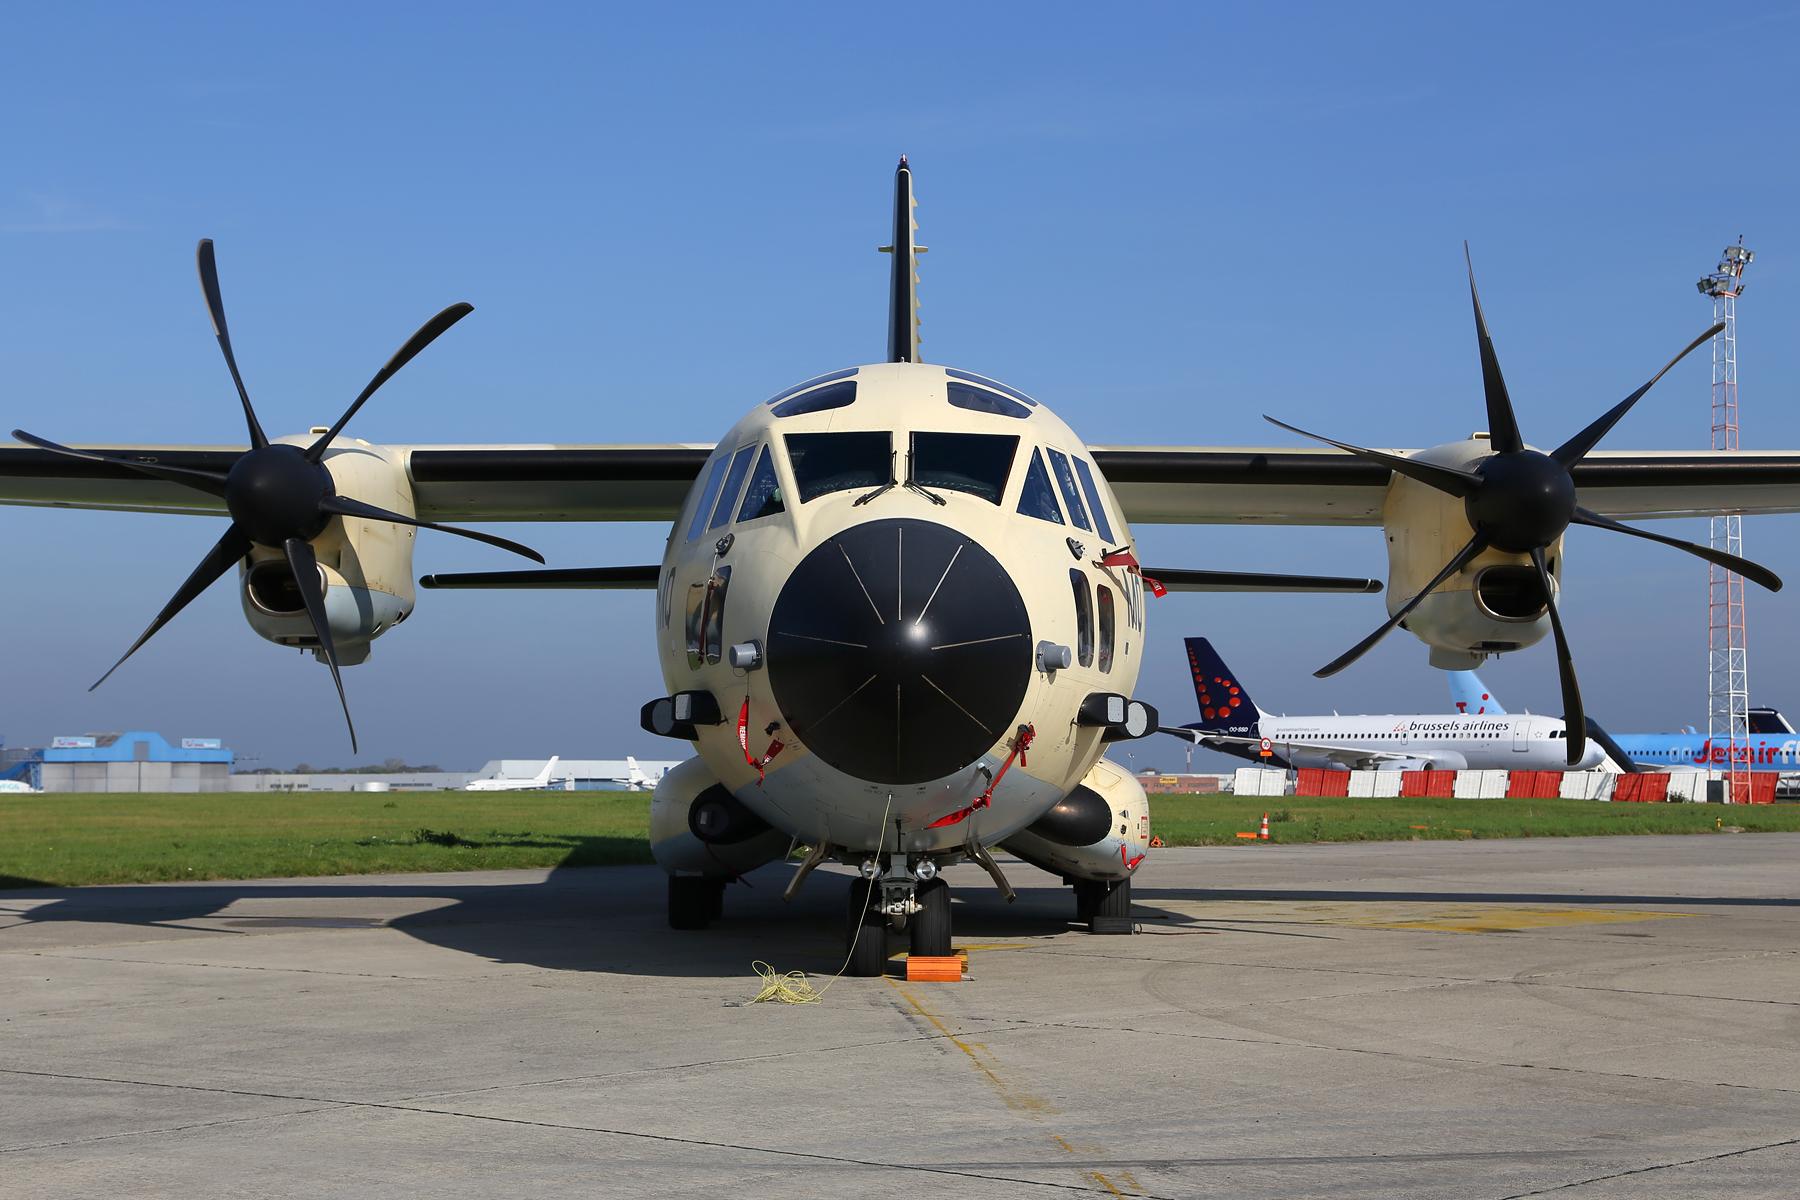 FRA: Photos d'avions de transport - Page 20 15666572341_085cca7315_o